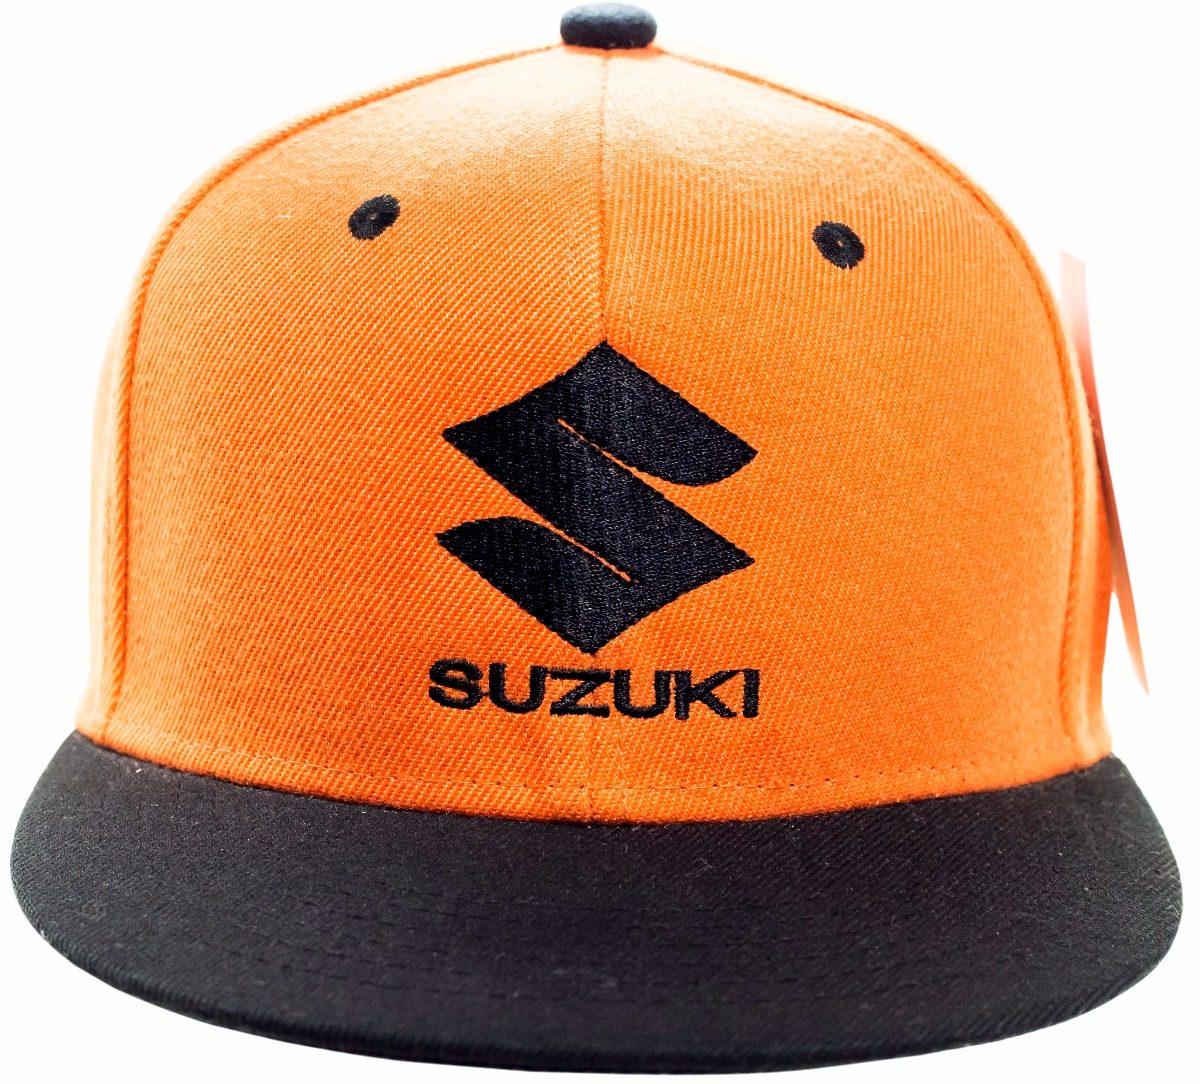 39bc99be8d boné suzuki bordado aba reta laranja / preto original. Carregando zoom.